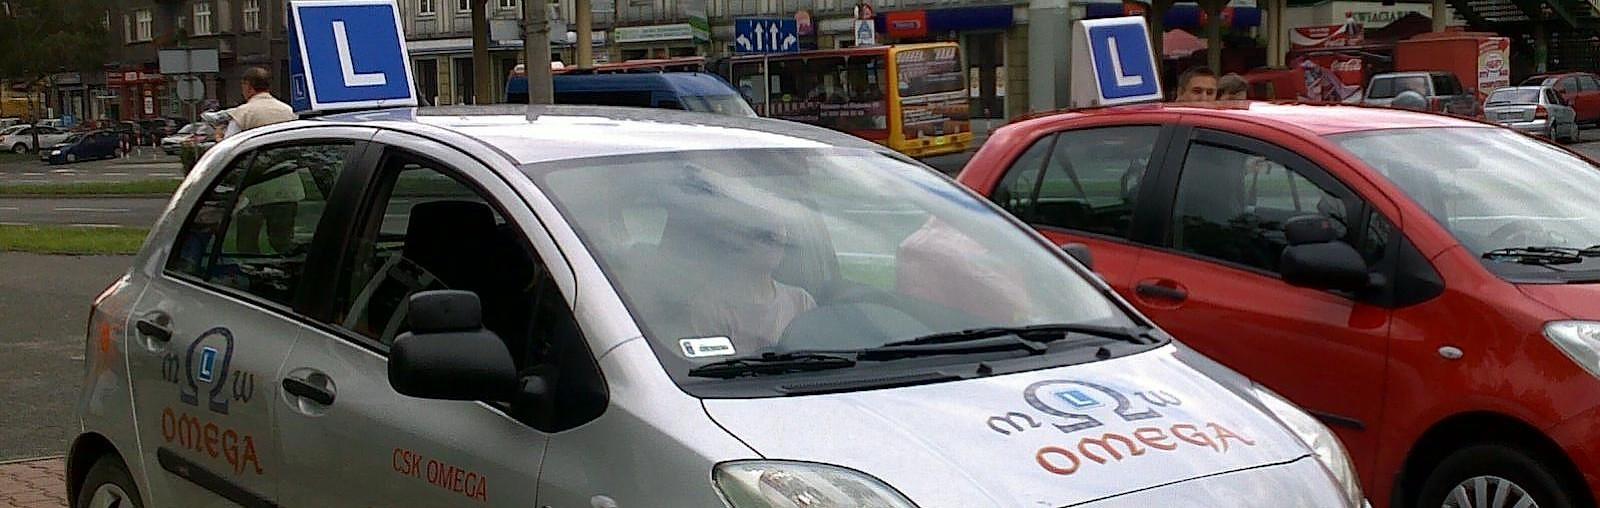 Przed rozpoczęciem kursu na prawo jazdy należy